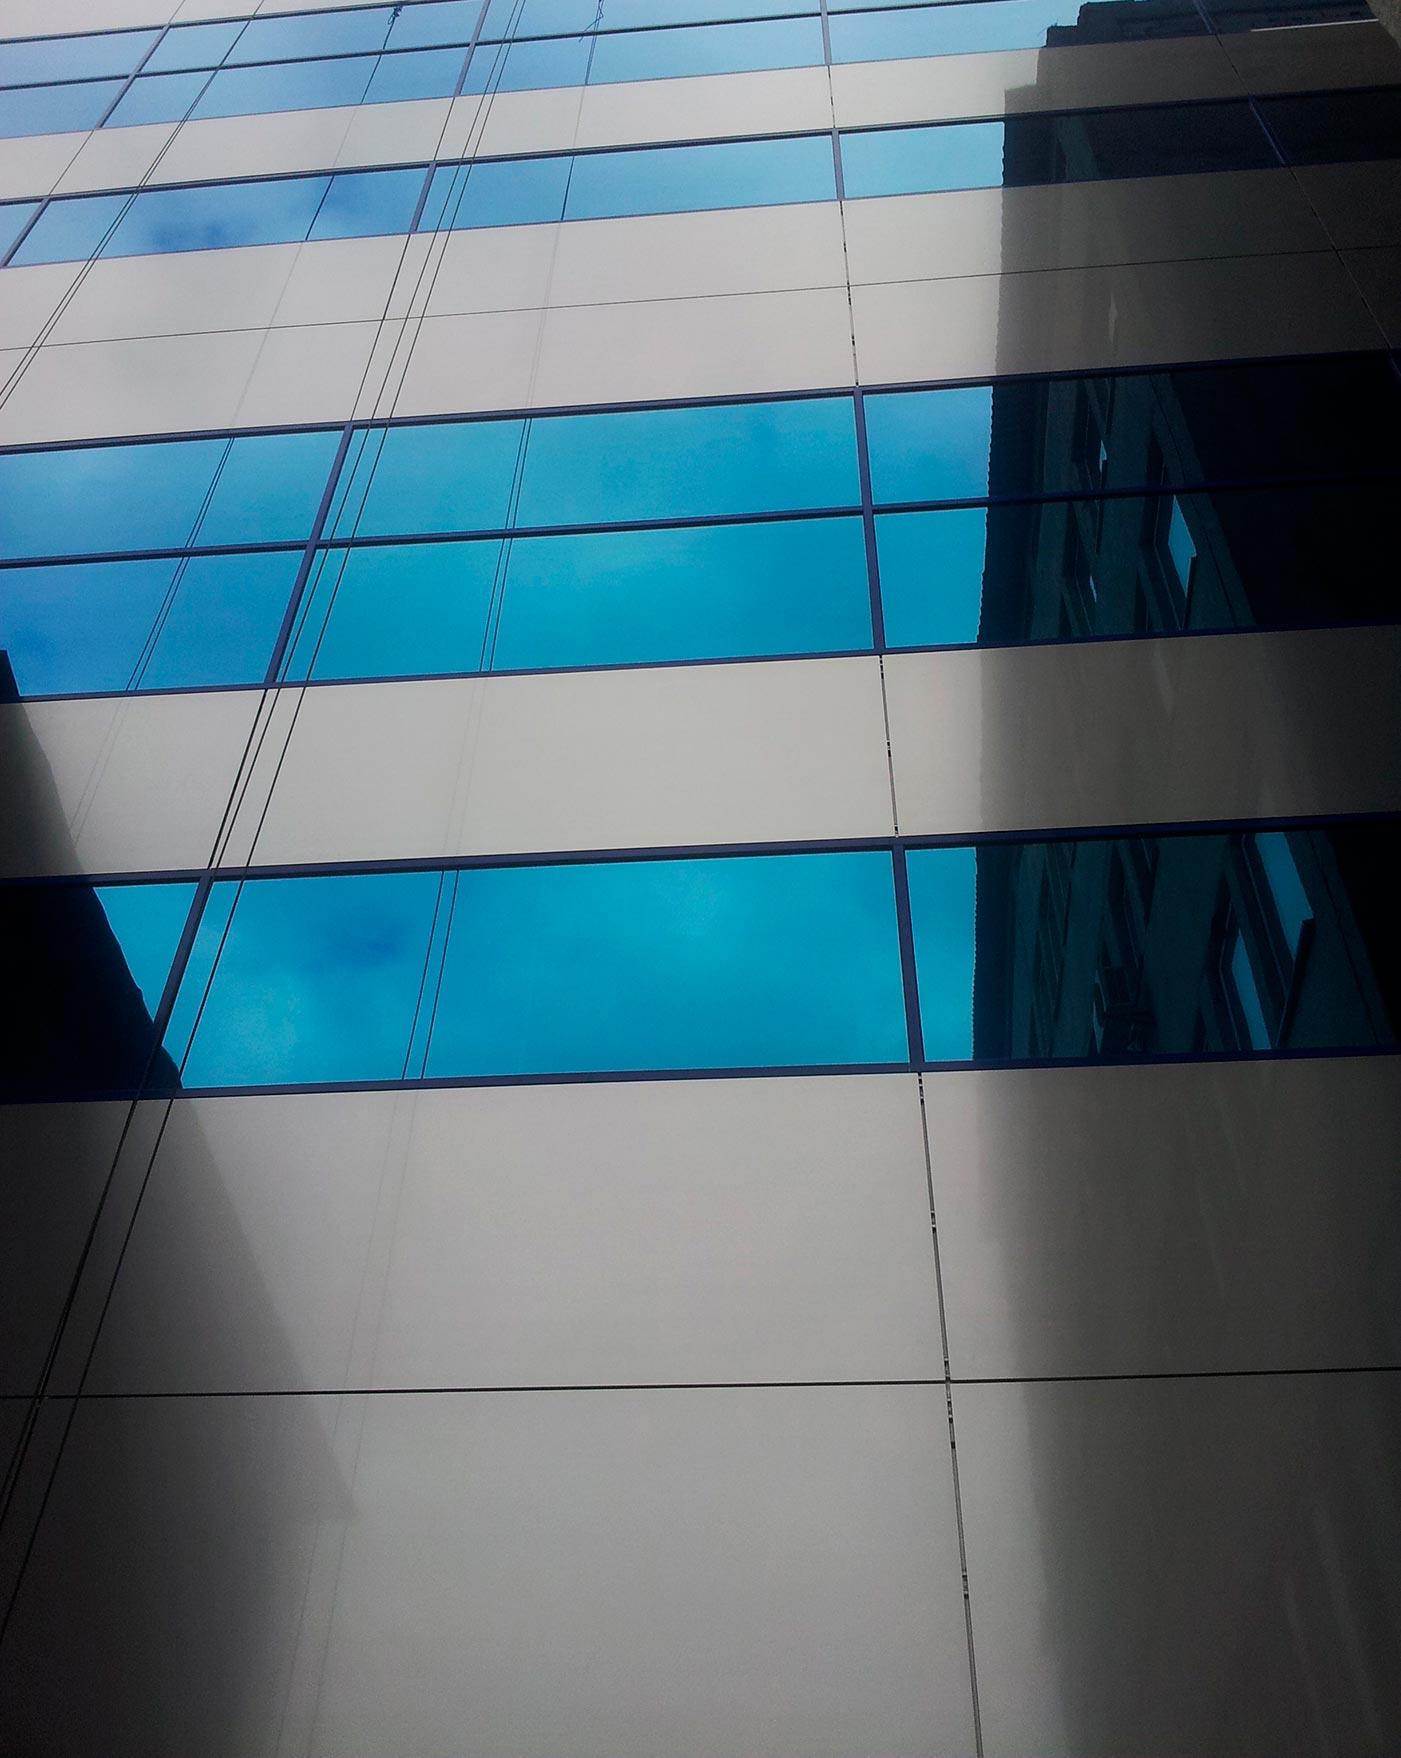 Edificio-planta-farmaceutica-FARMA-START.-Kiev-Ucrania.-larcore-20_1591000160.jpg